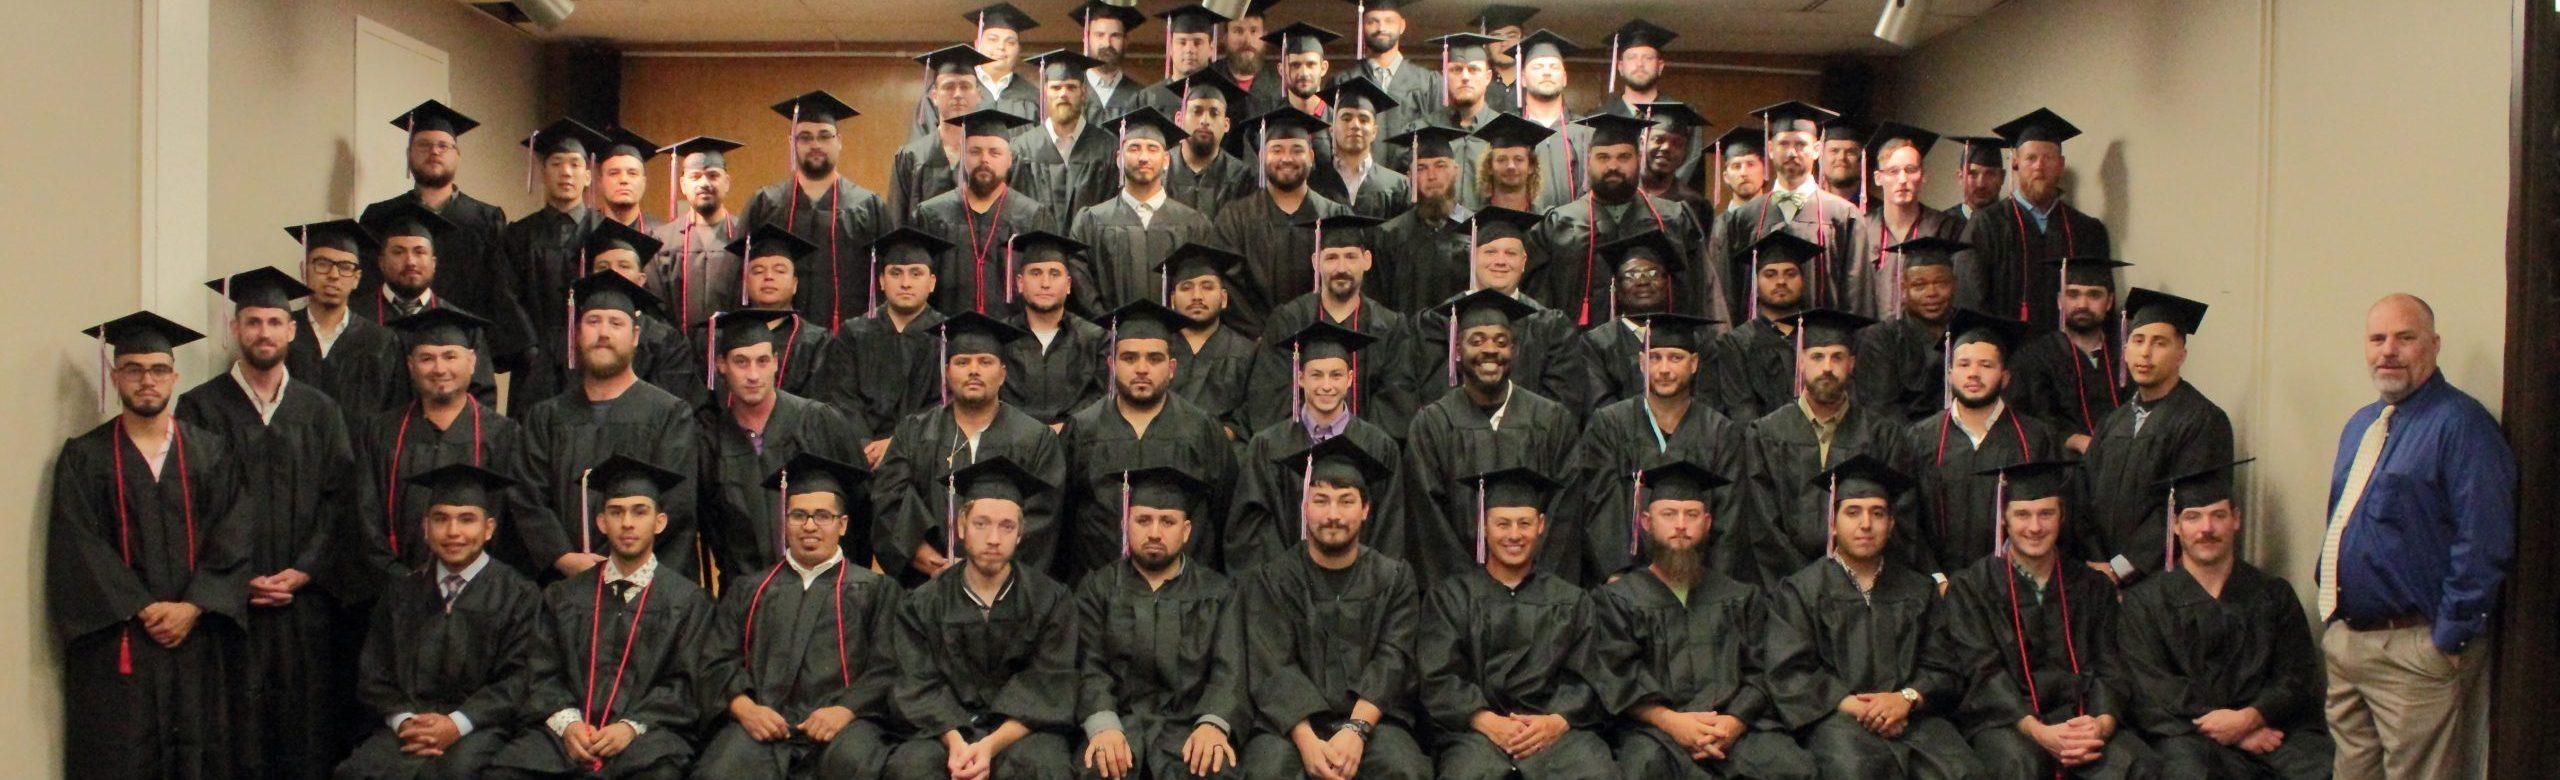 2019 Graduation Picture